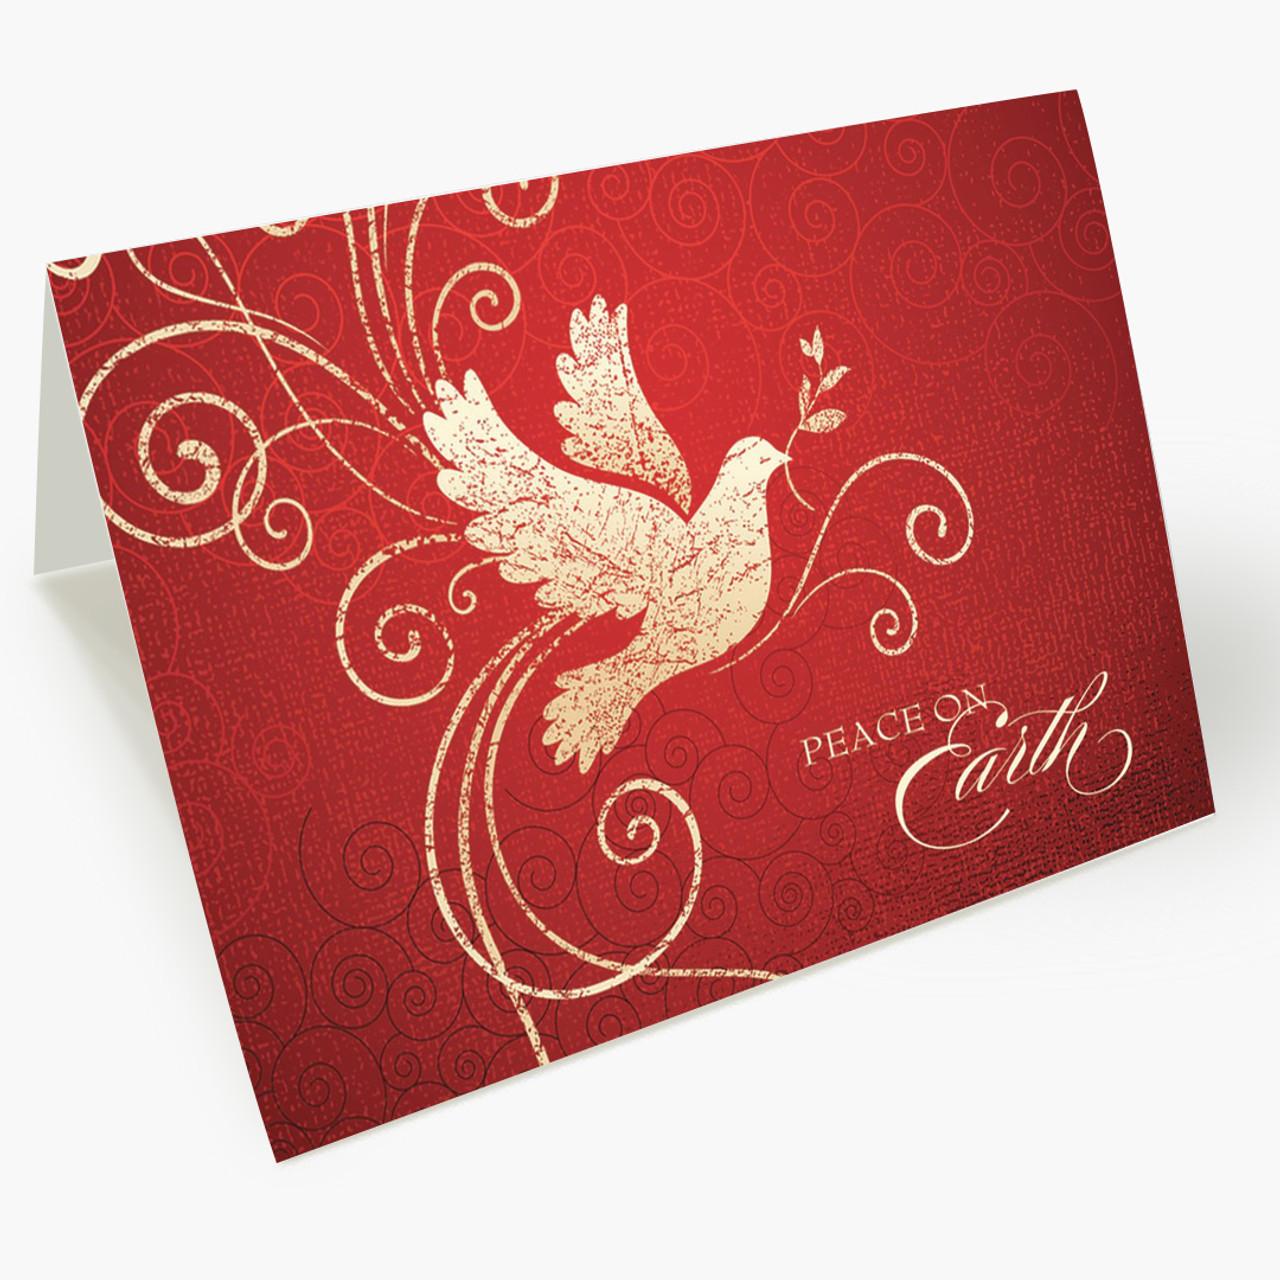 A Peaceful Dove  Christmas Card